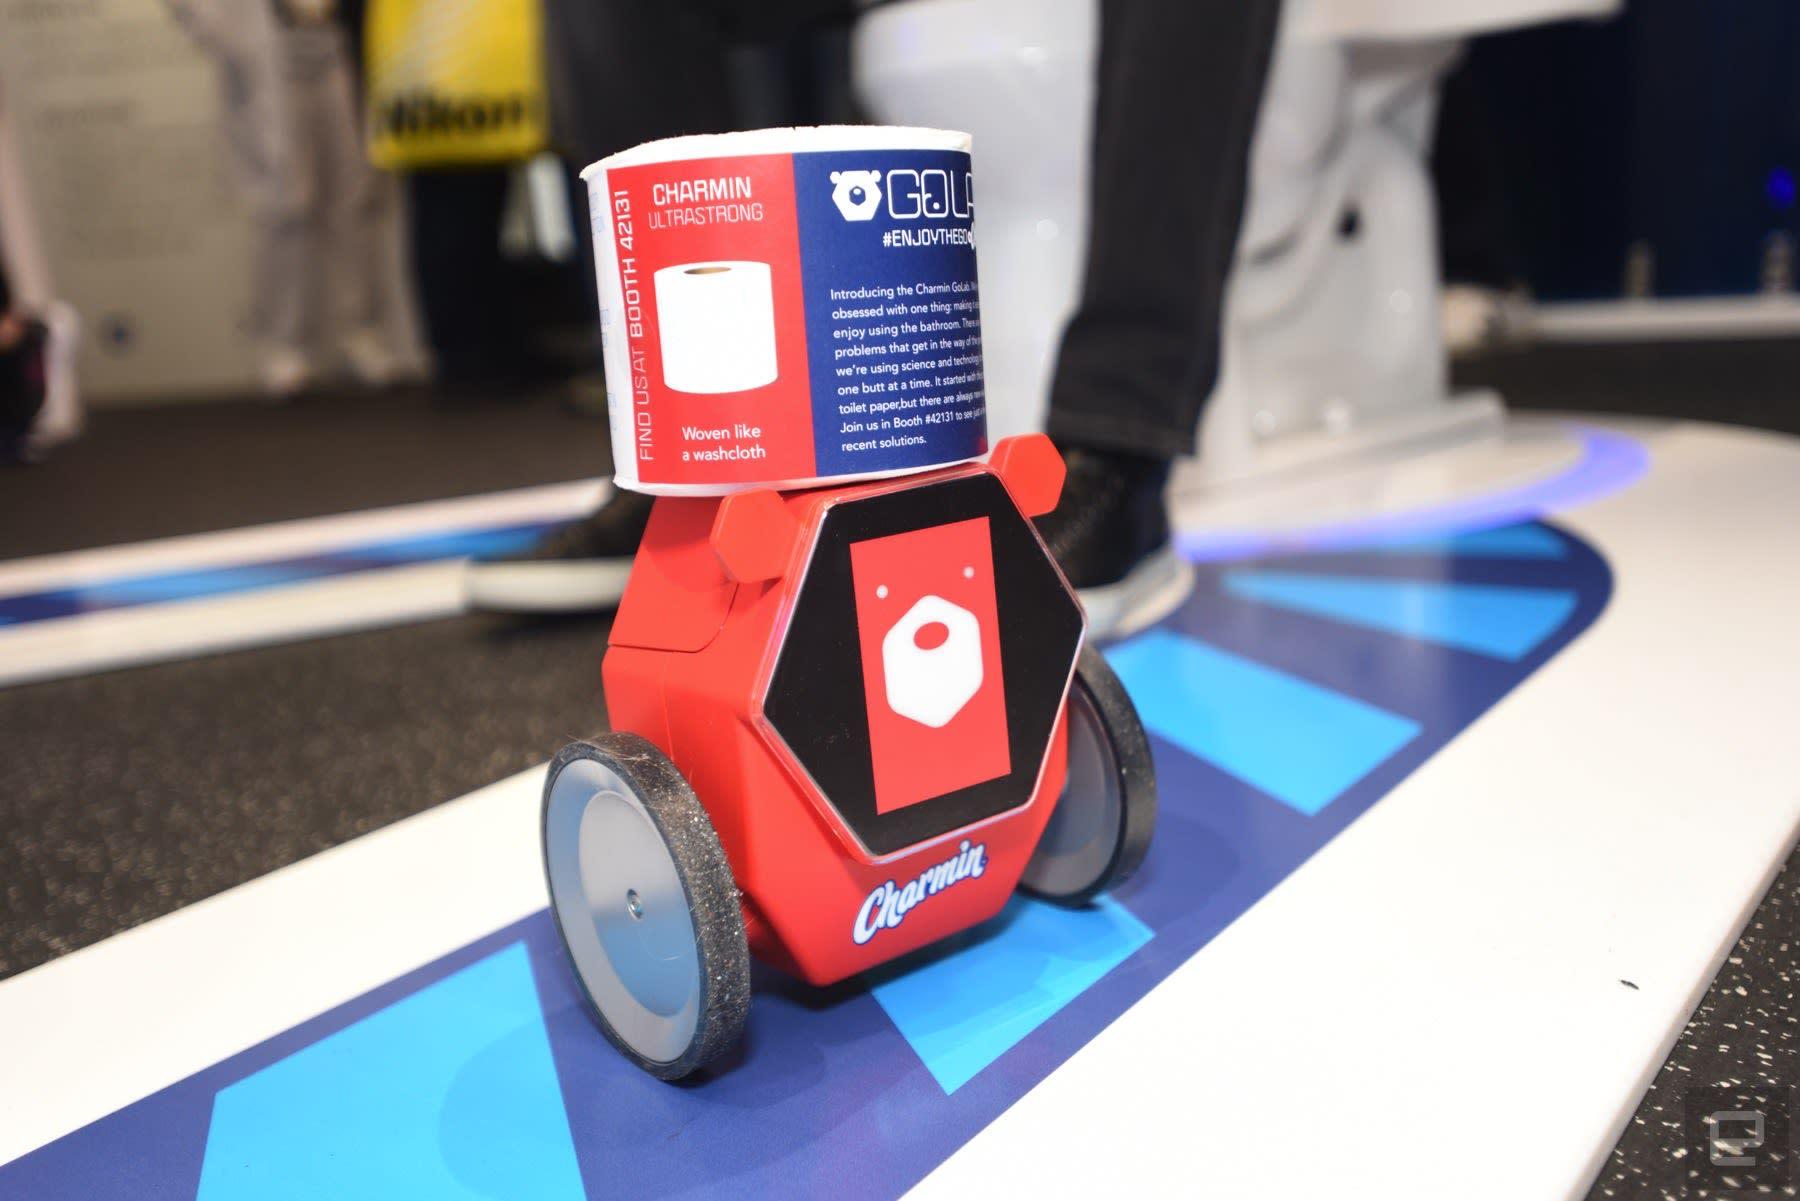 Charmin TP bot